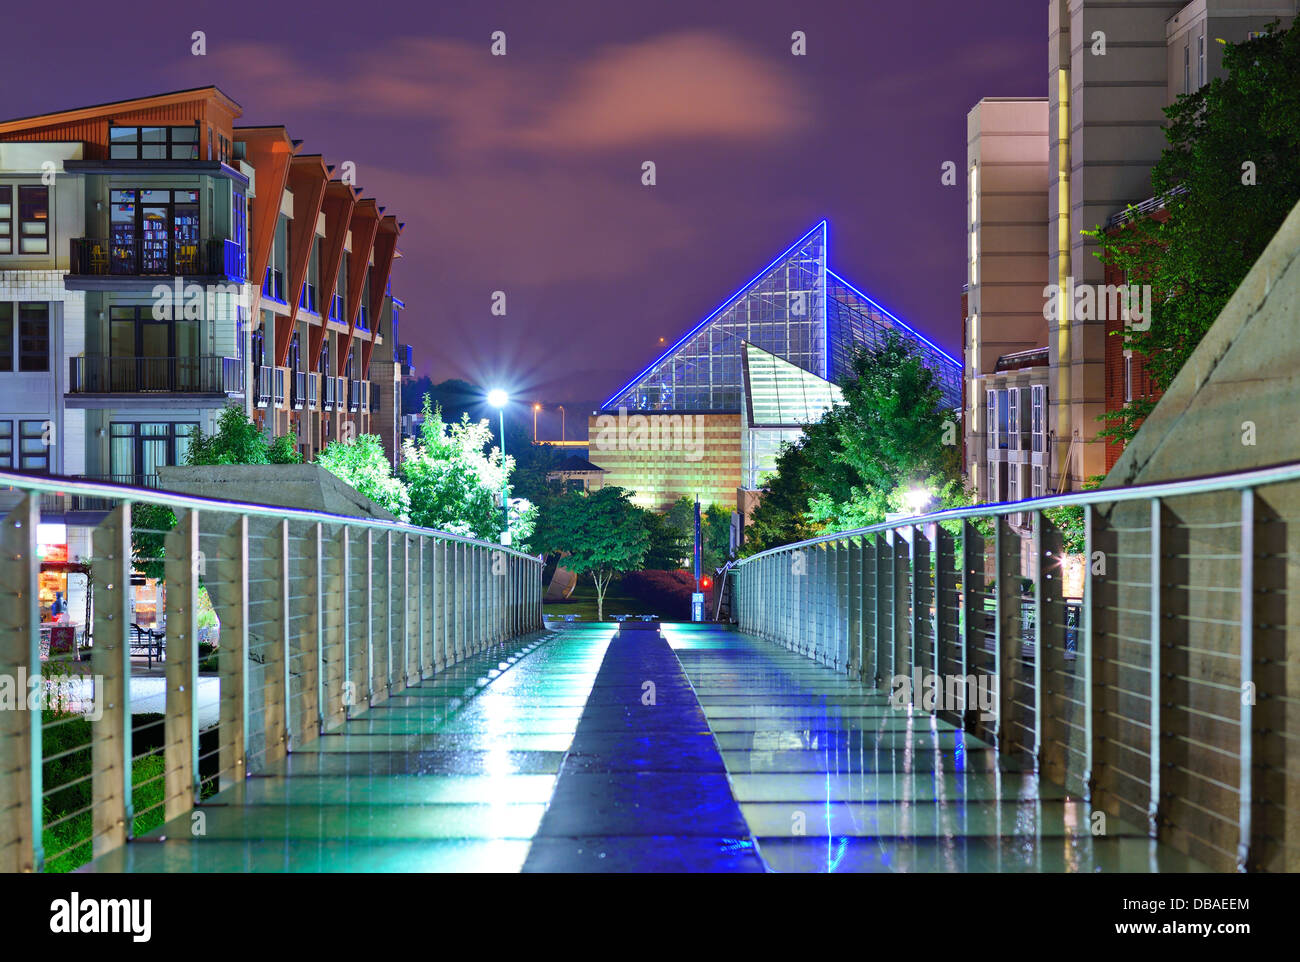 Urban-Szene in der Innenstadt von Chattanooga, Tennessee, USA. Stockbild